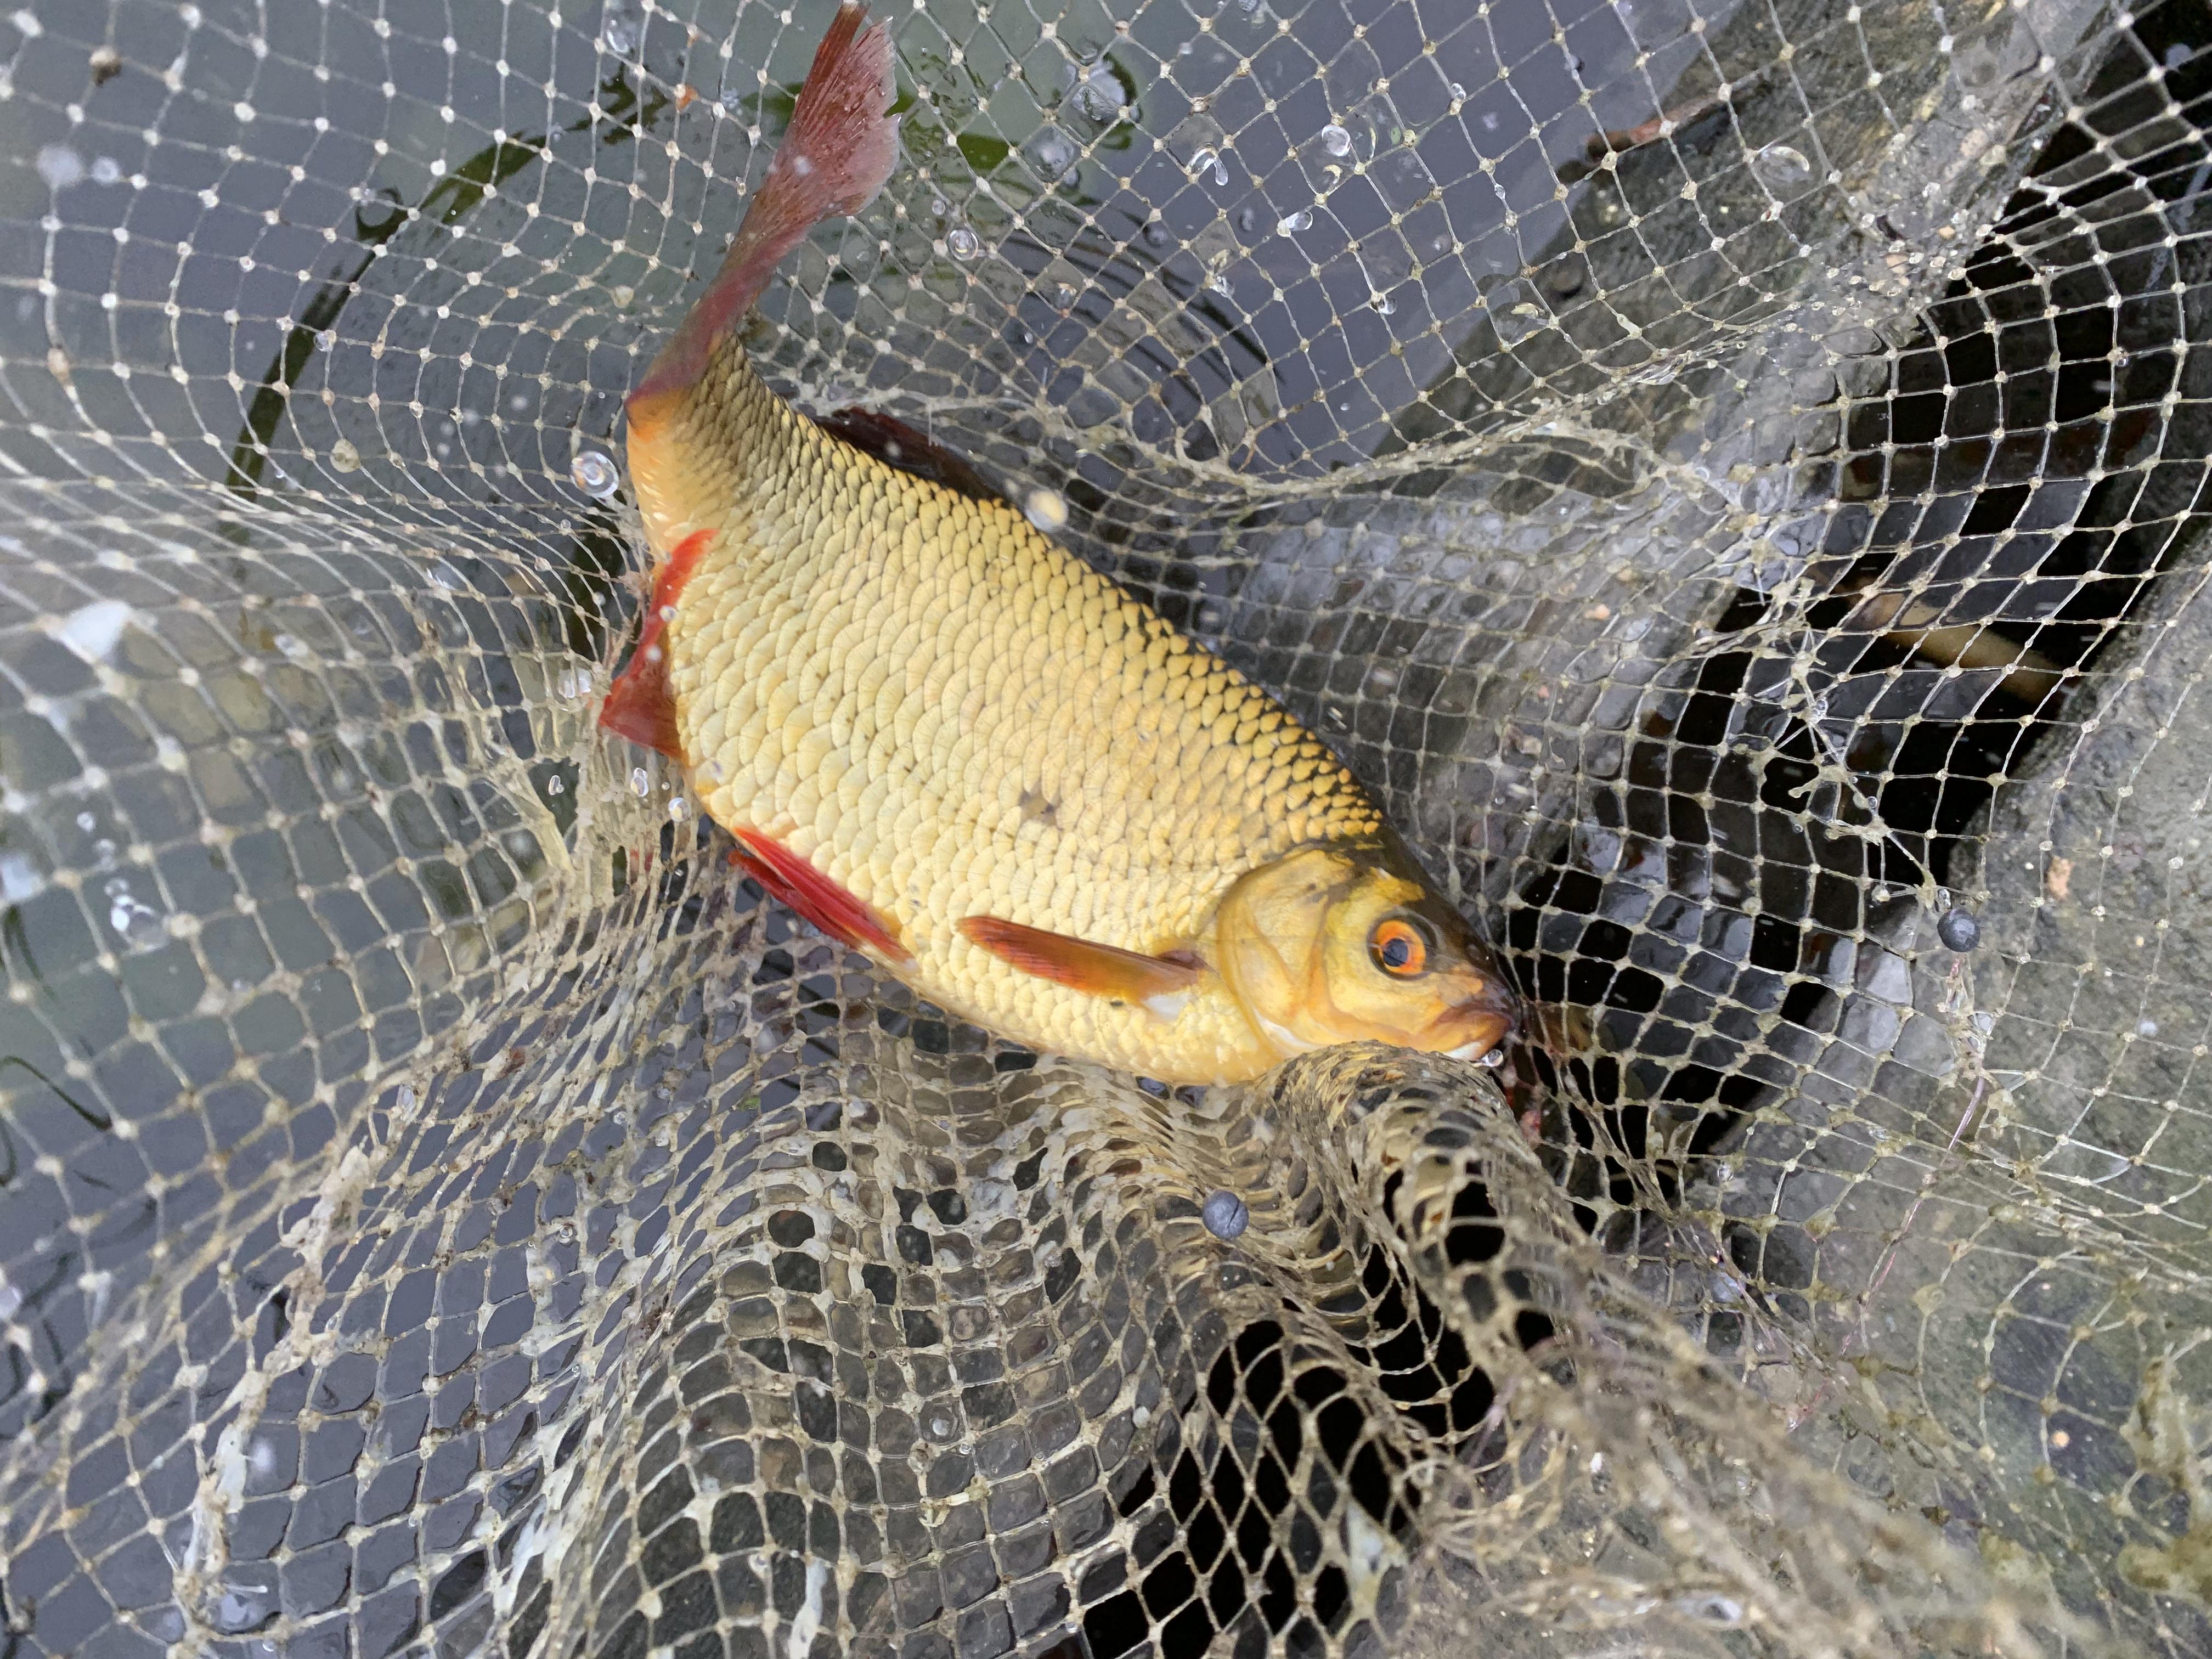 рыбалка ловля крупной красноперки в сентябре на удочку Лиелупе пейзажи природы Альберт Сафиуллин